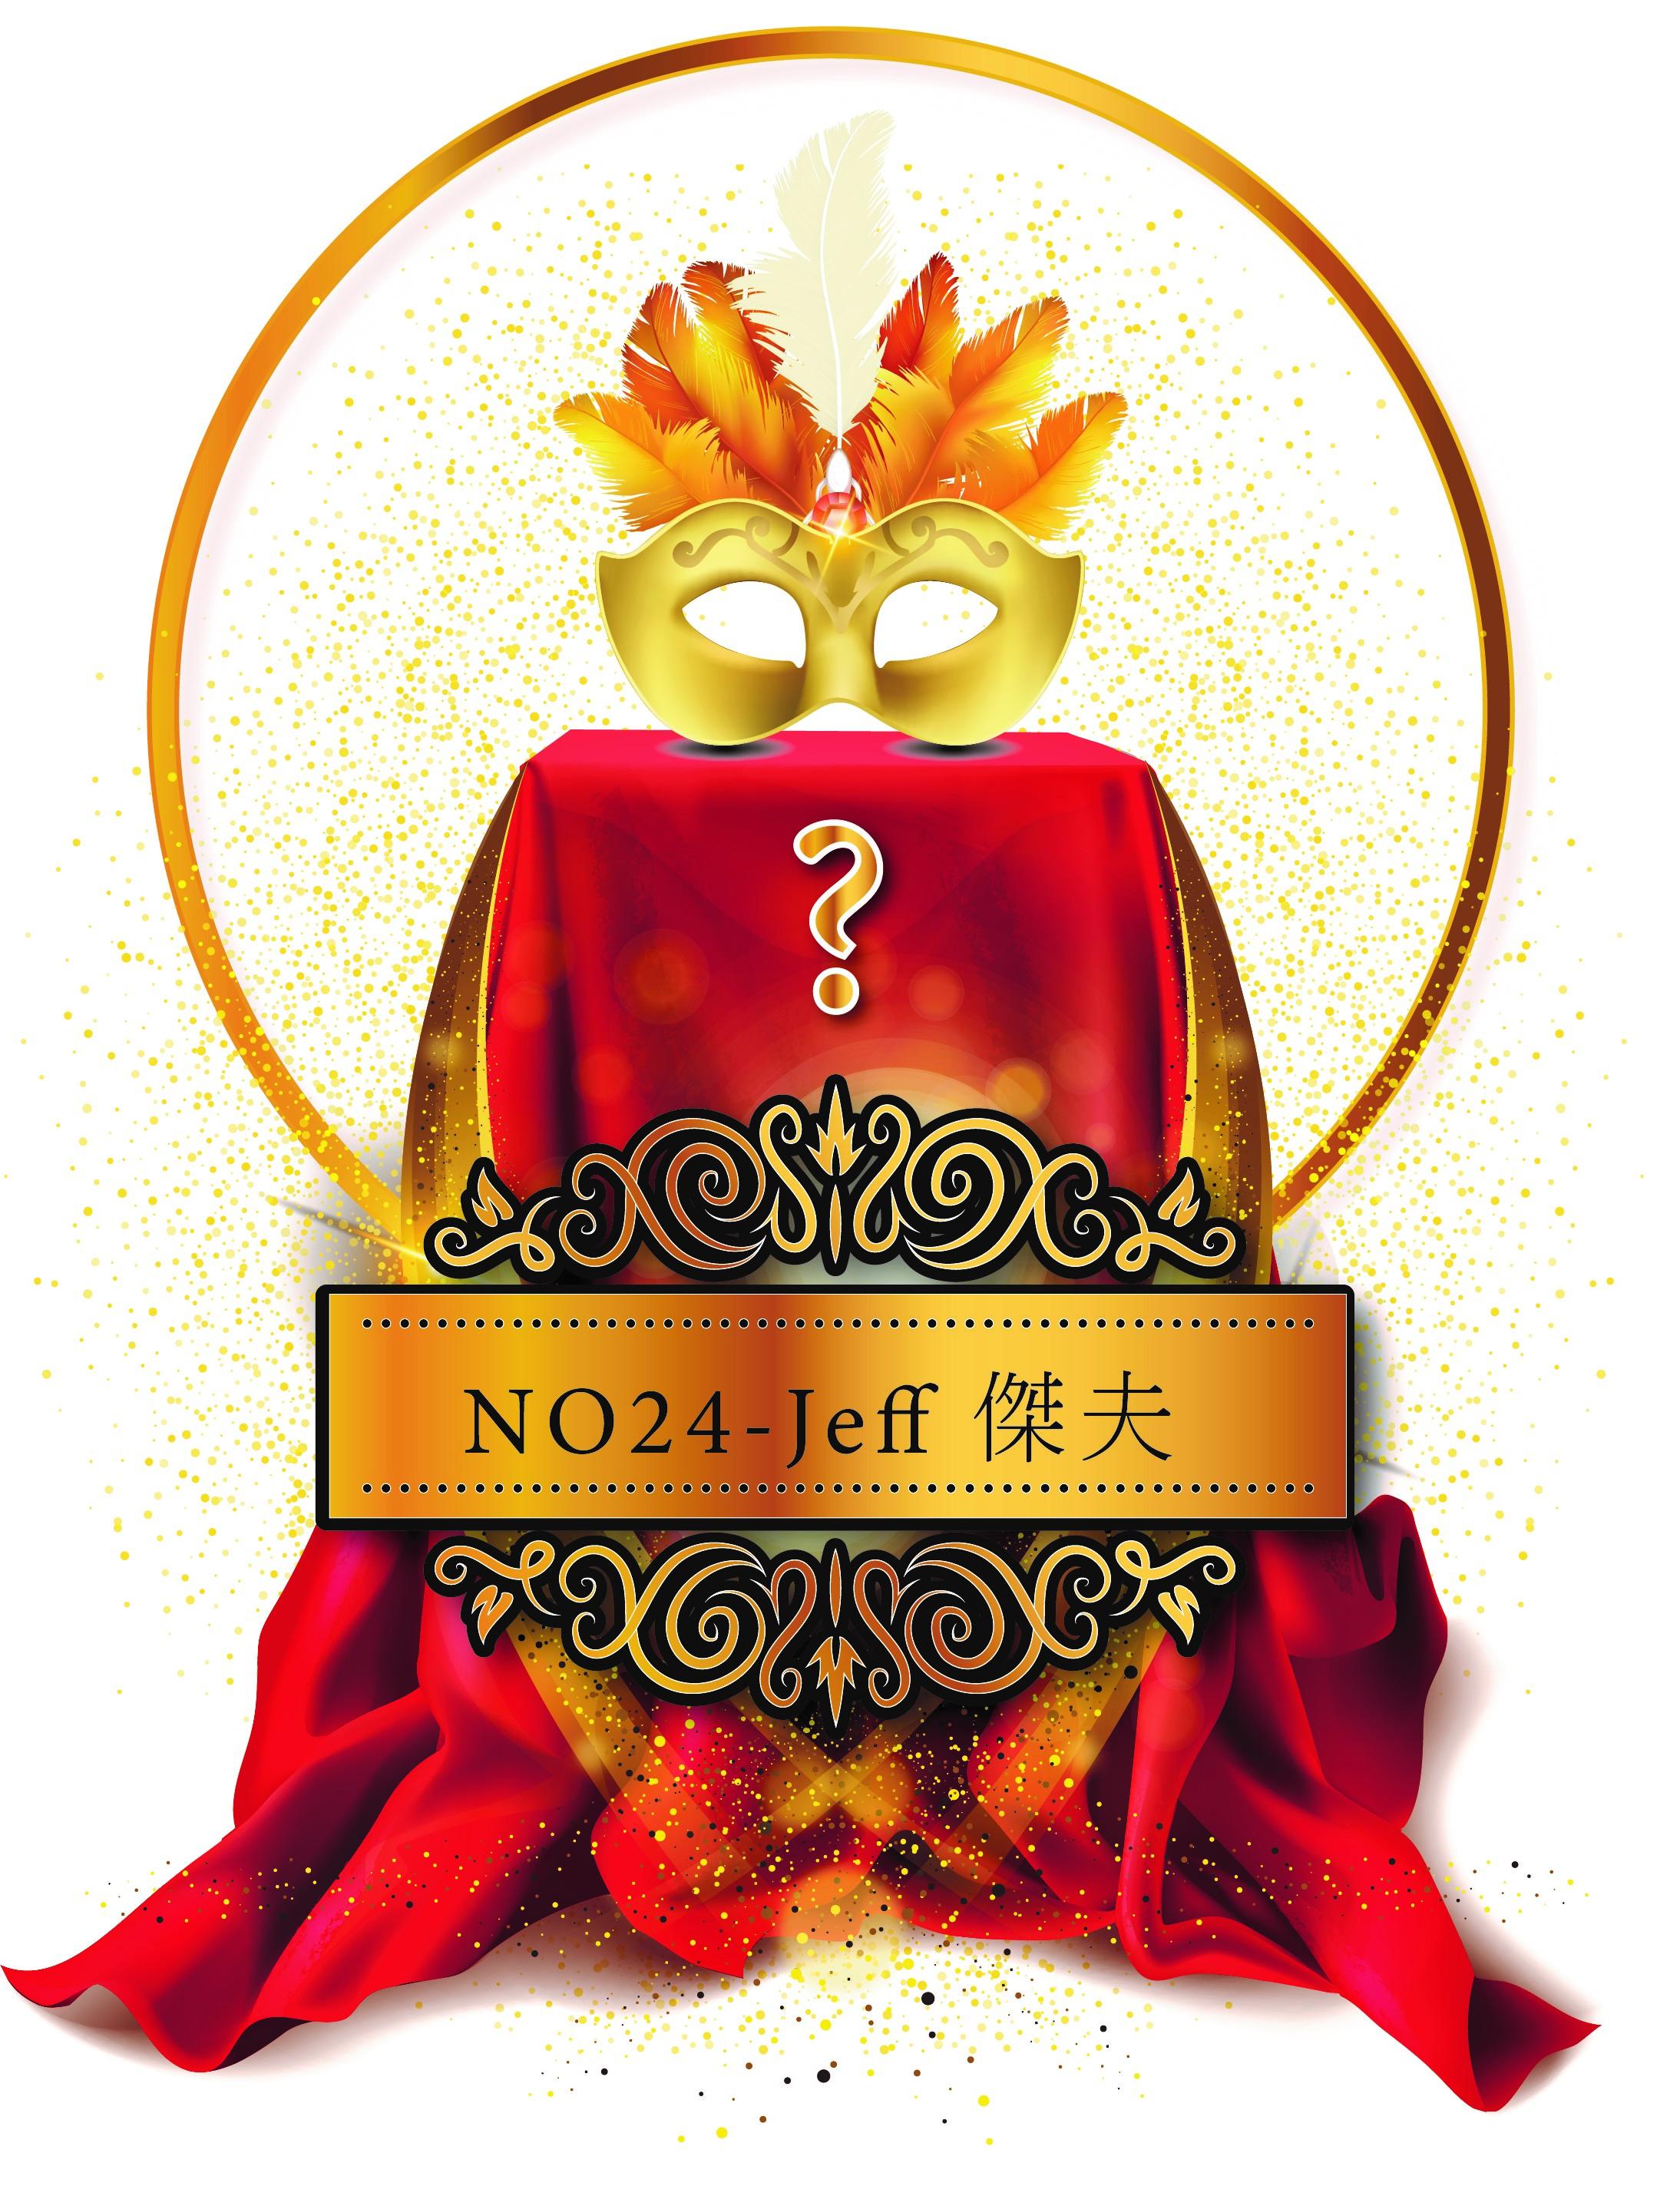 No24Jeff傑夫-神秘編號